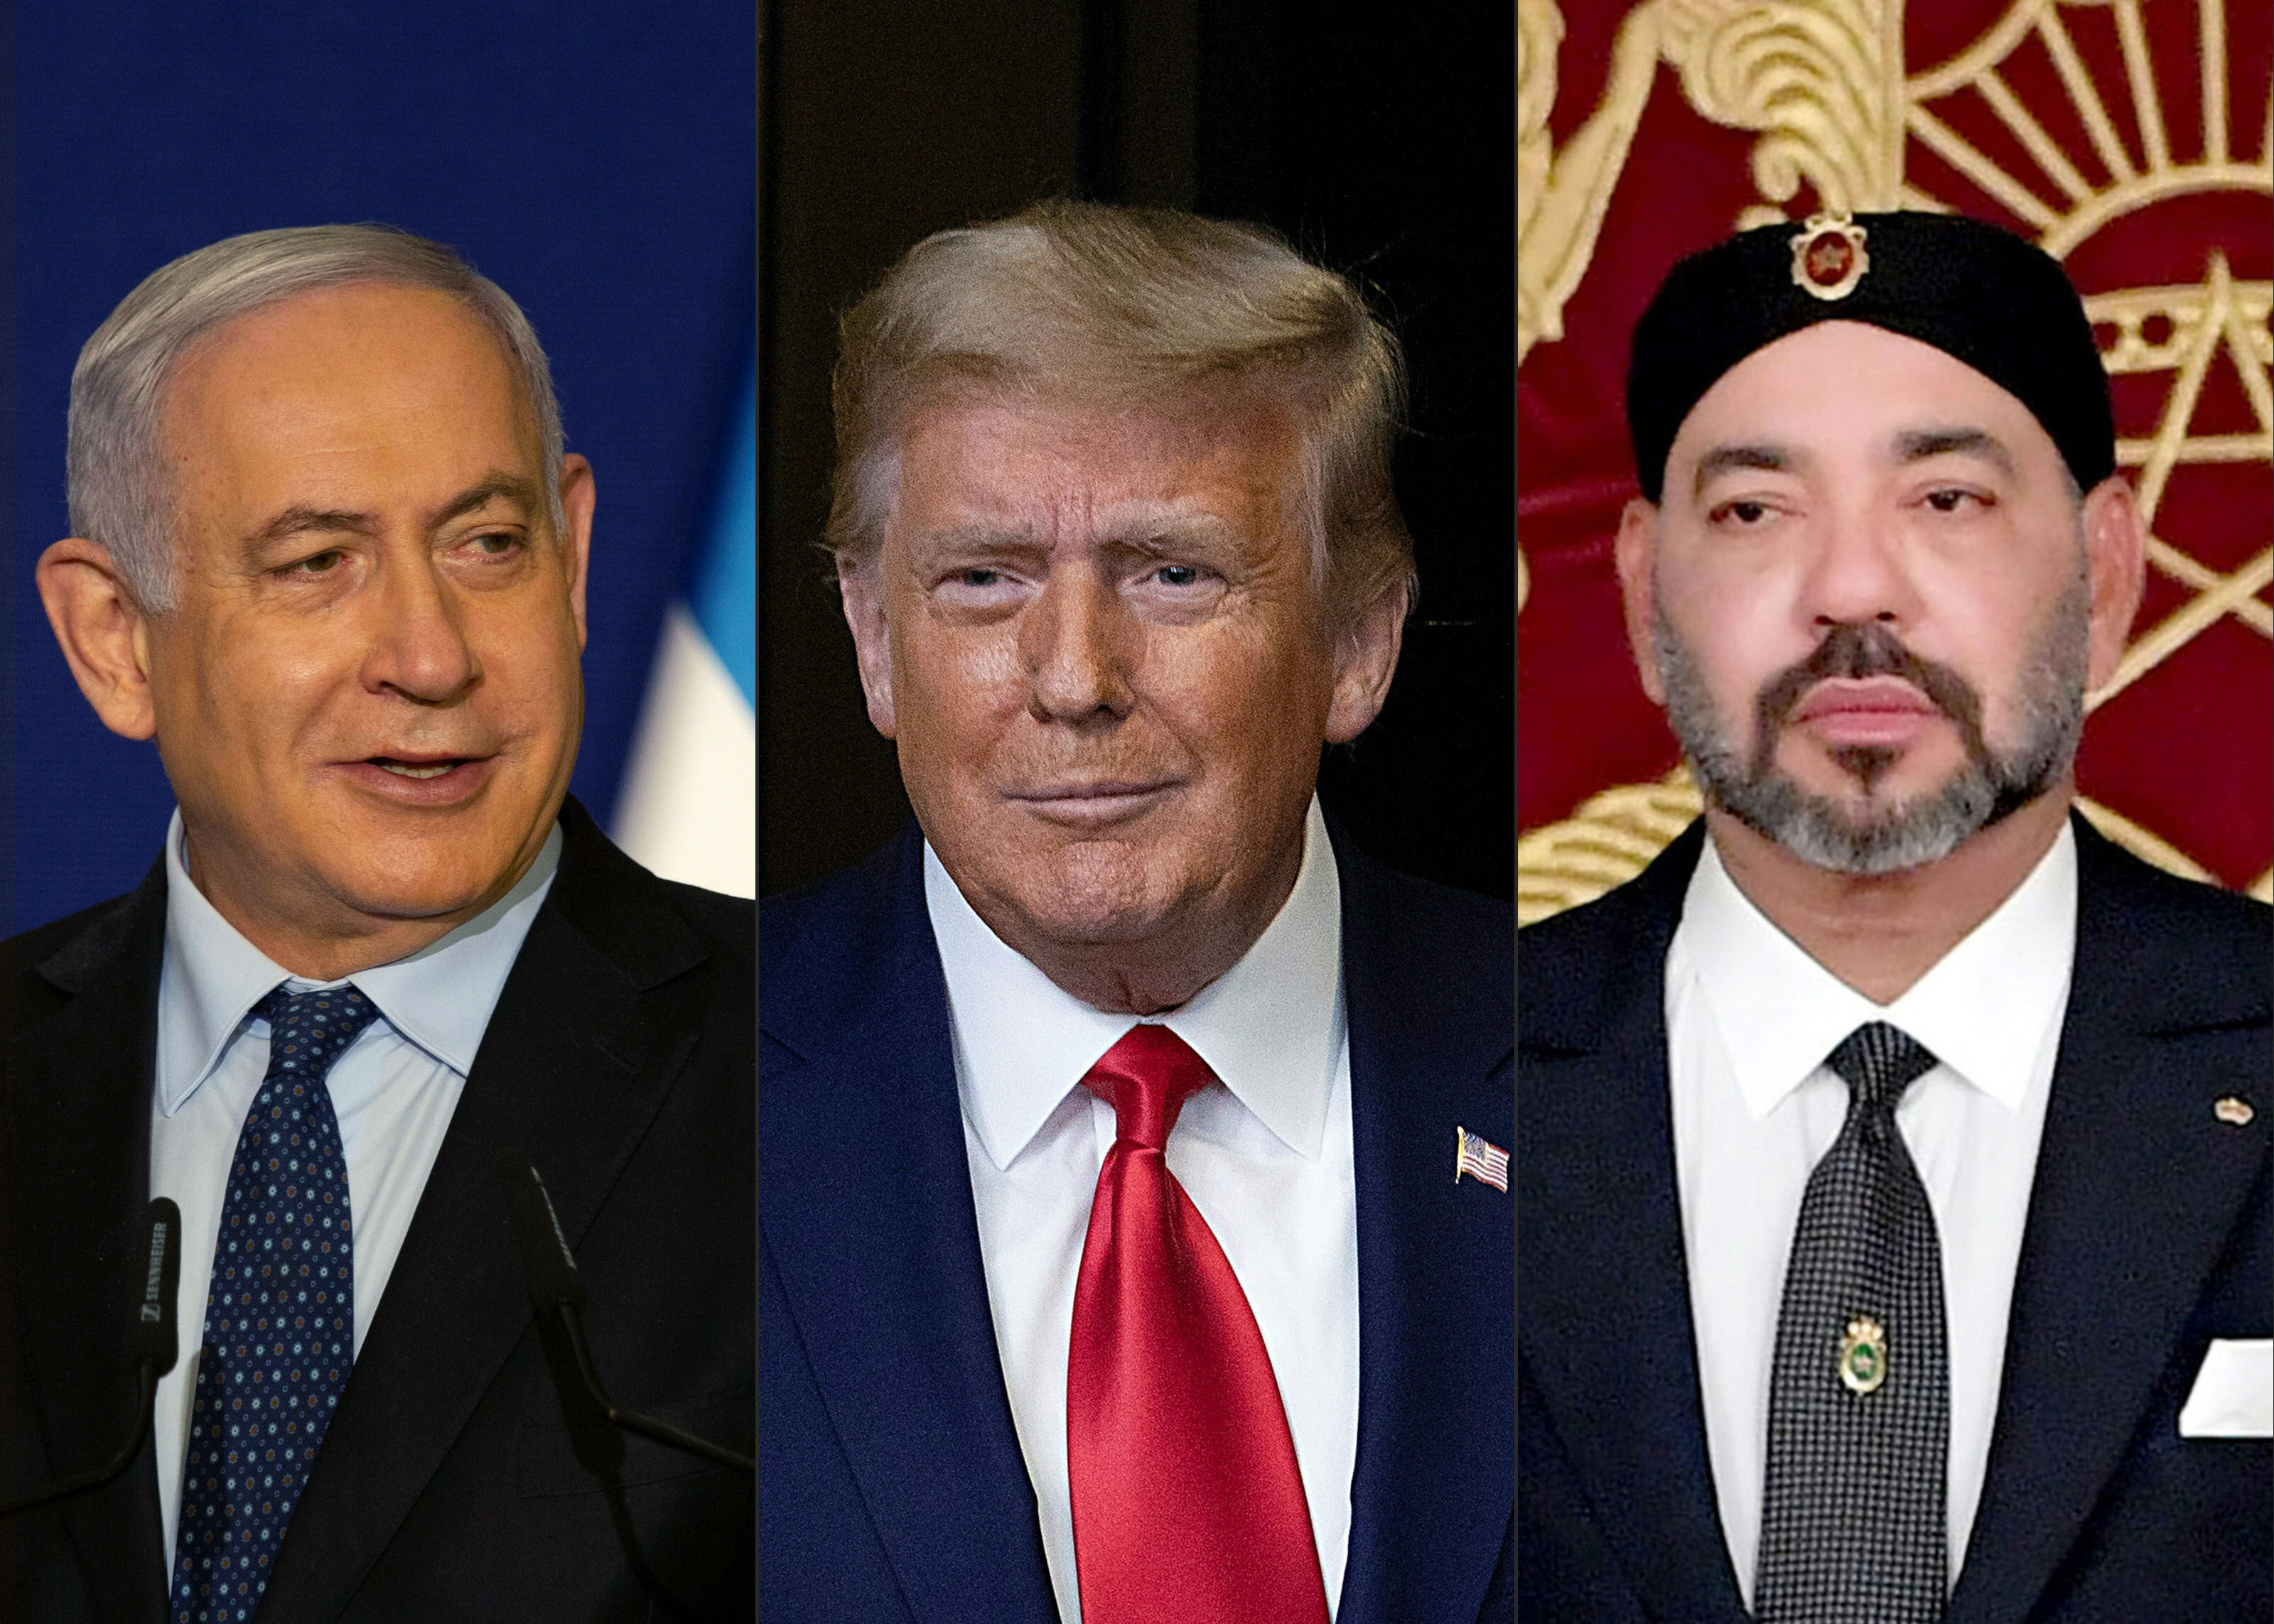 Marokkó elismeri Izraelt, cserébe az USA elismeri, hogy a Nyugat-Szahara Marokkóé